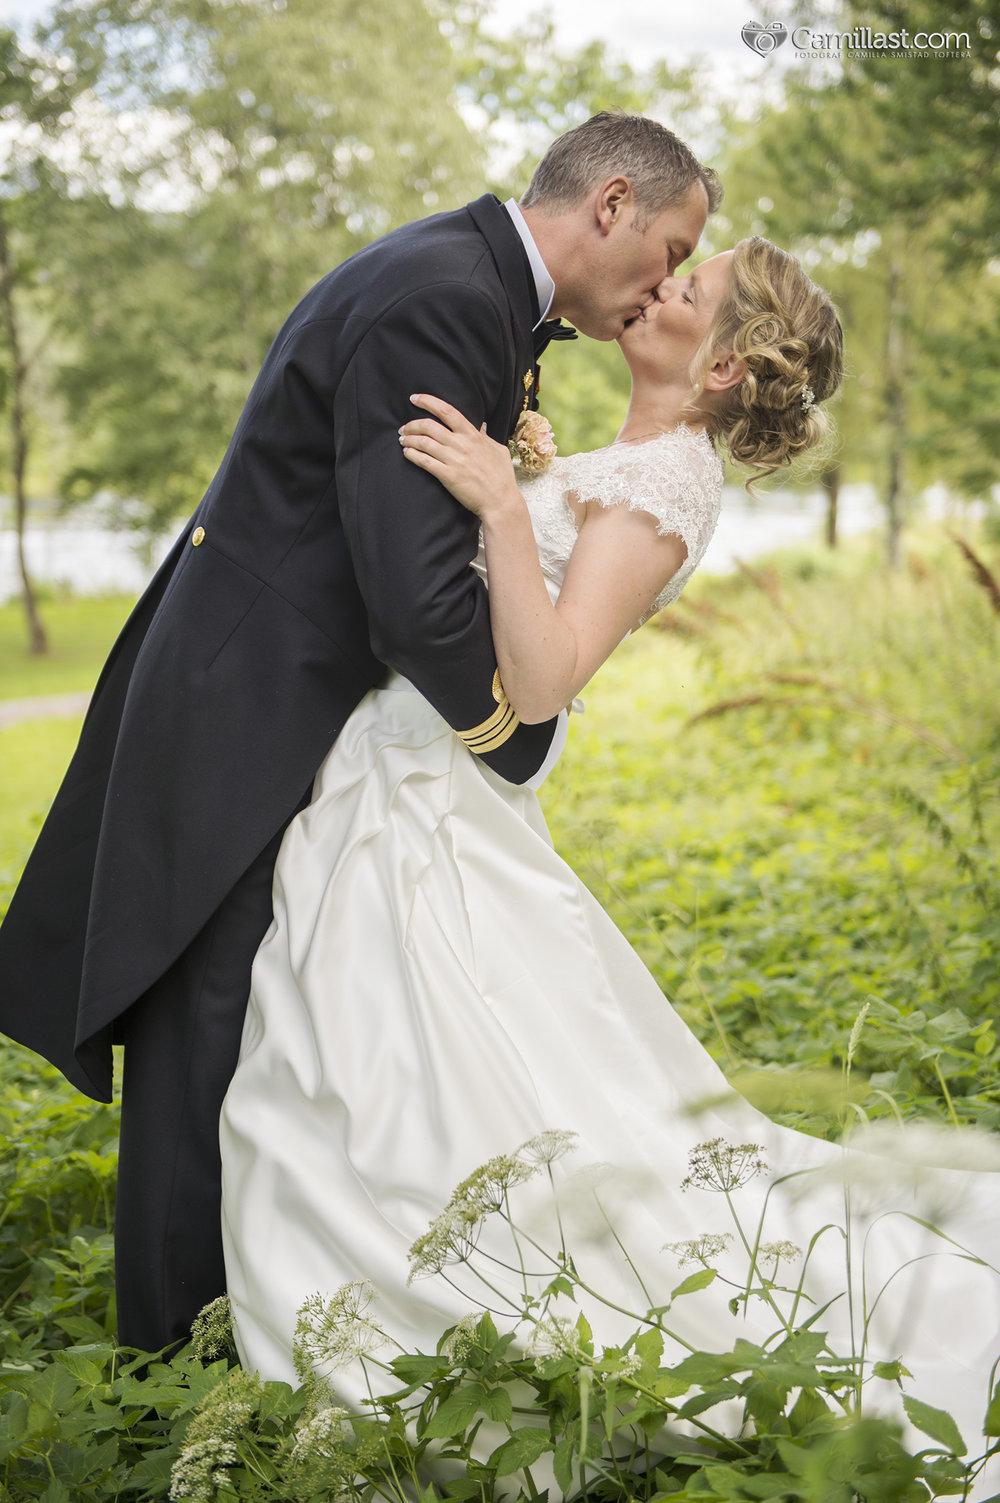 Fotograf_Camillast_20150801_ElinHenning bryllup111 copy.jpg